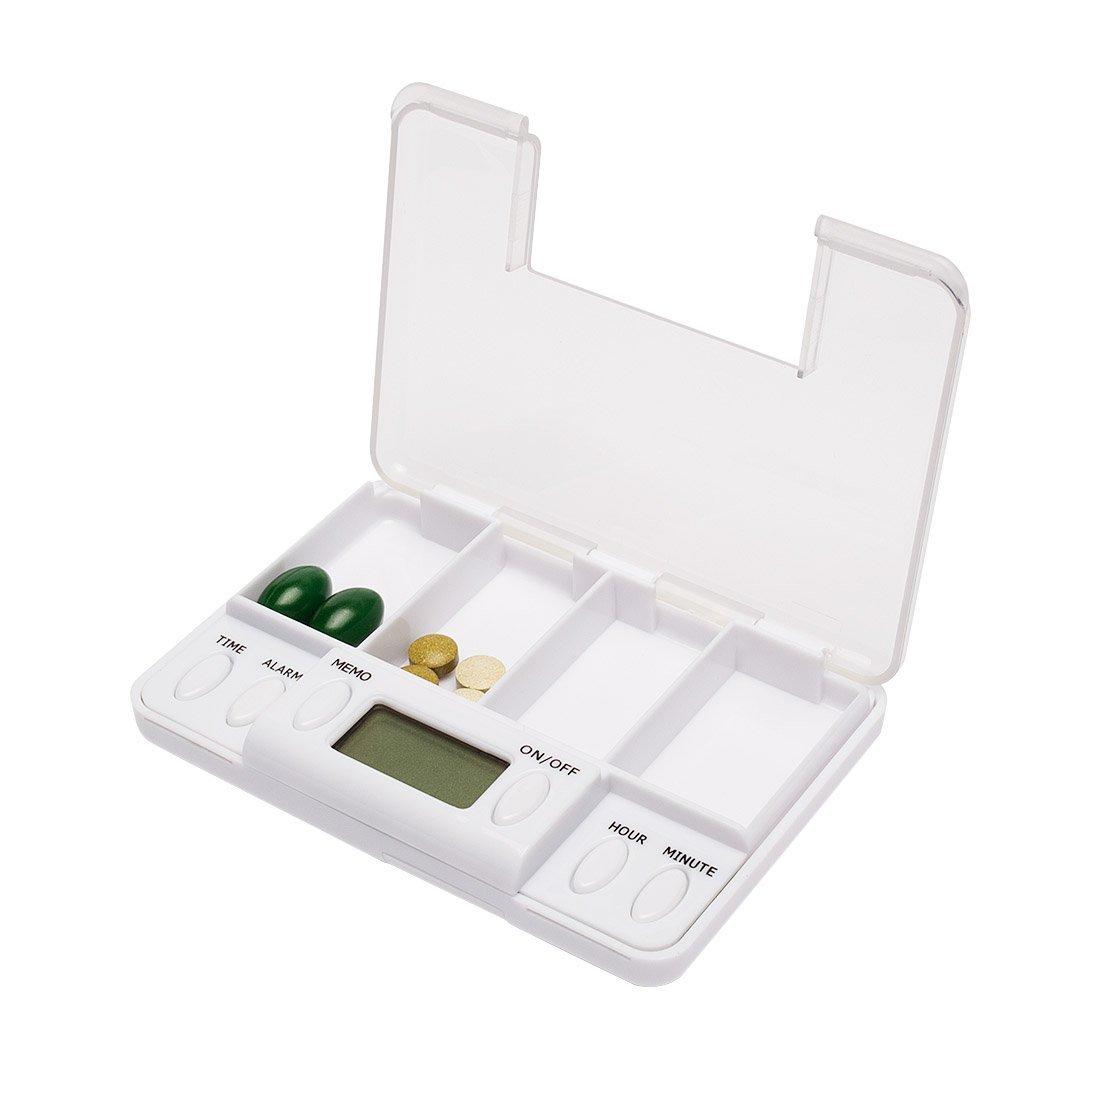 Amazon.com: eDealMax de Tiempo Digital de la caja de presentación Para las píldoras Contenedor de almacenamiento Caso 8 Recordatorio de alarma 2 Día: Health ...